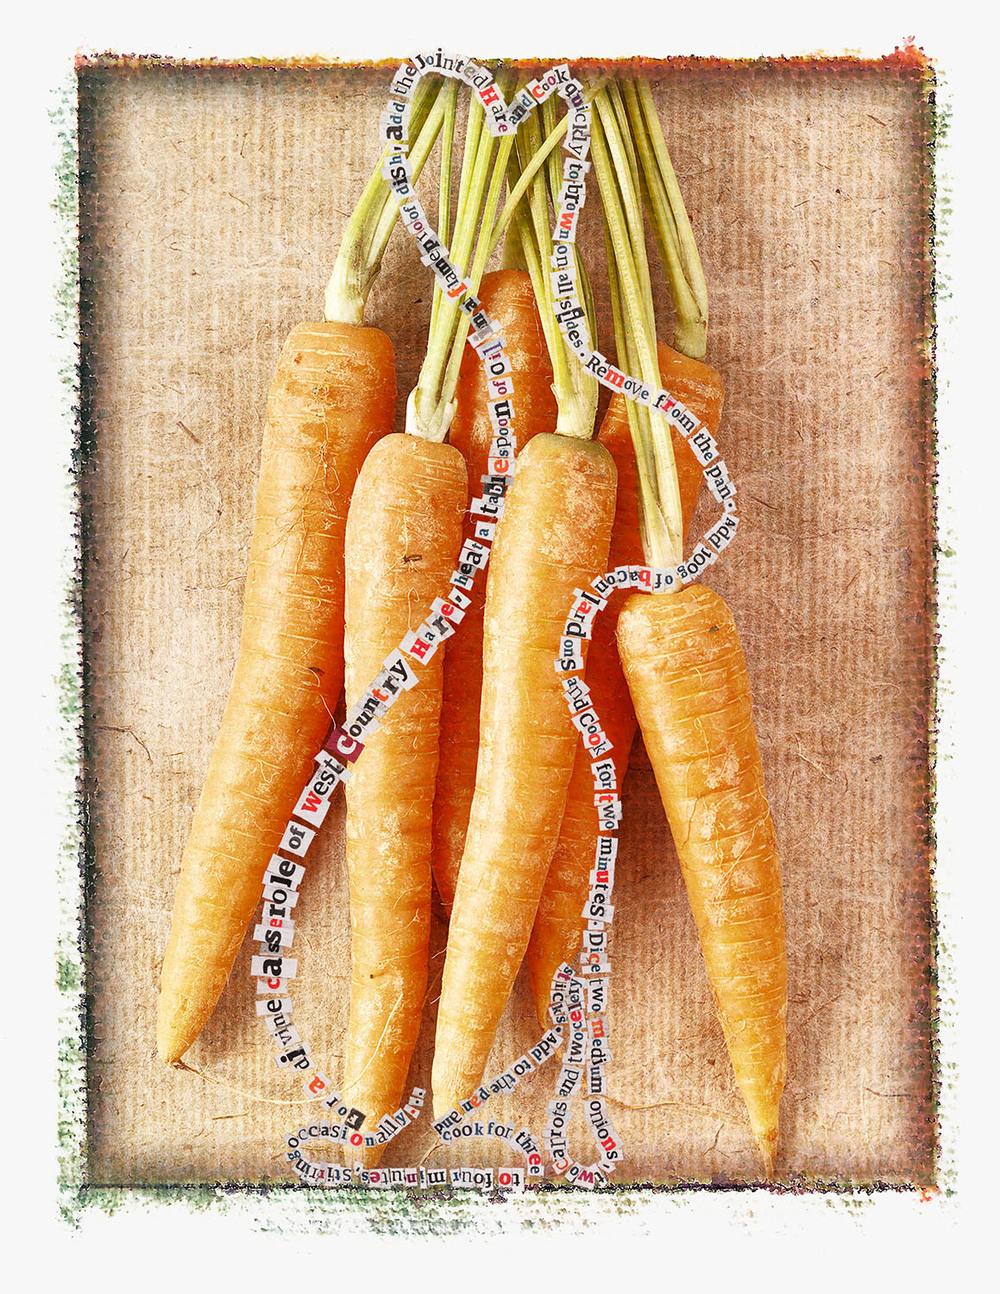 Food Photography Photographer London UK Carrot